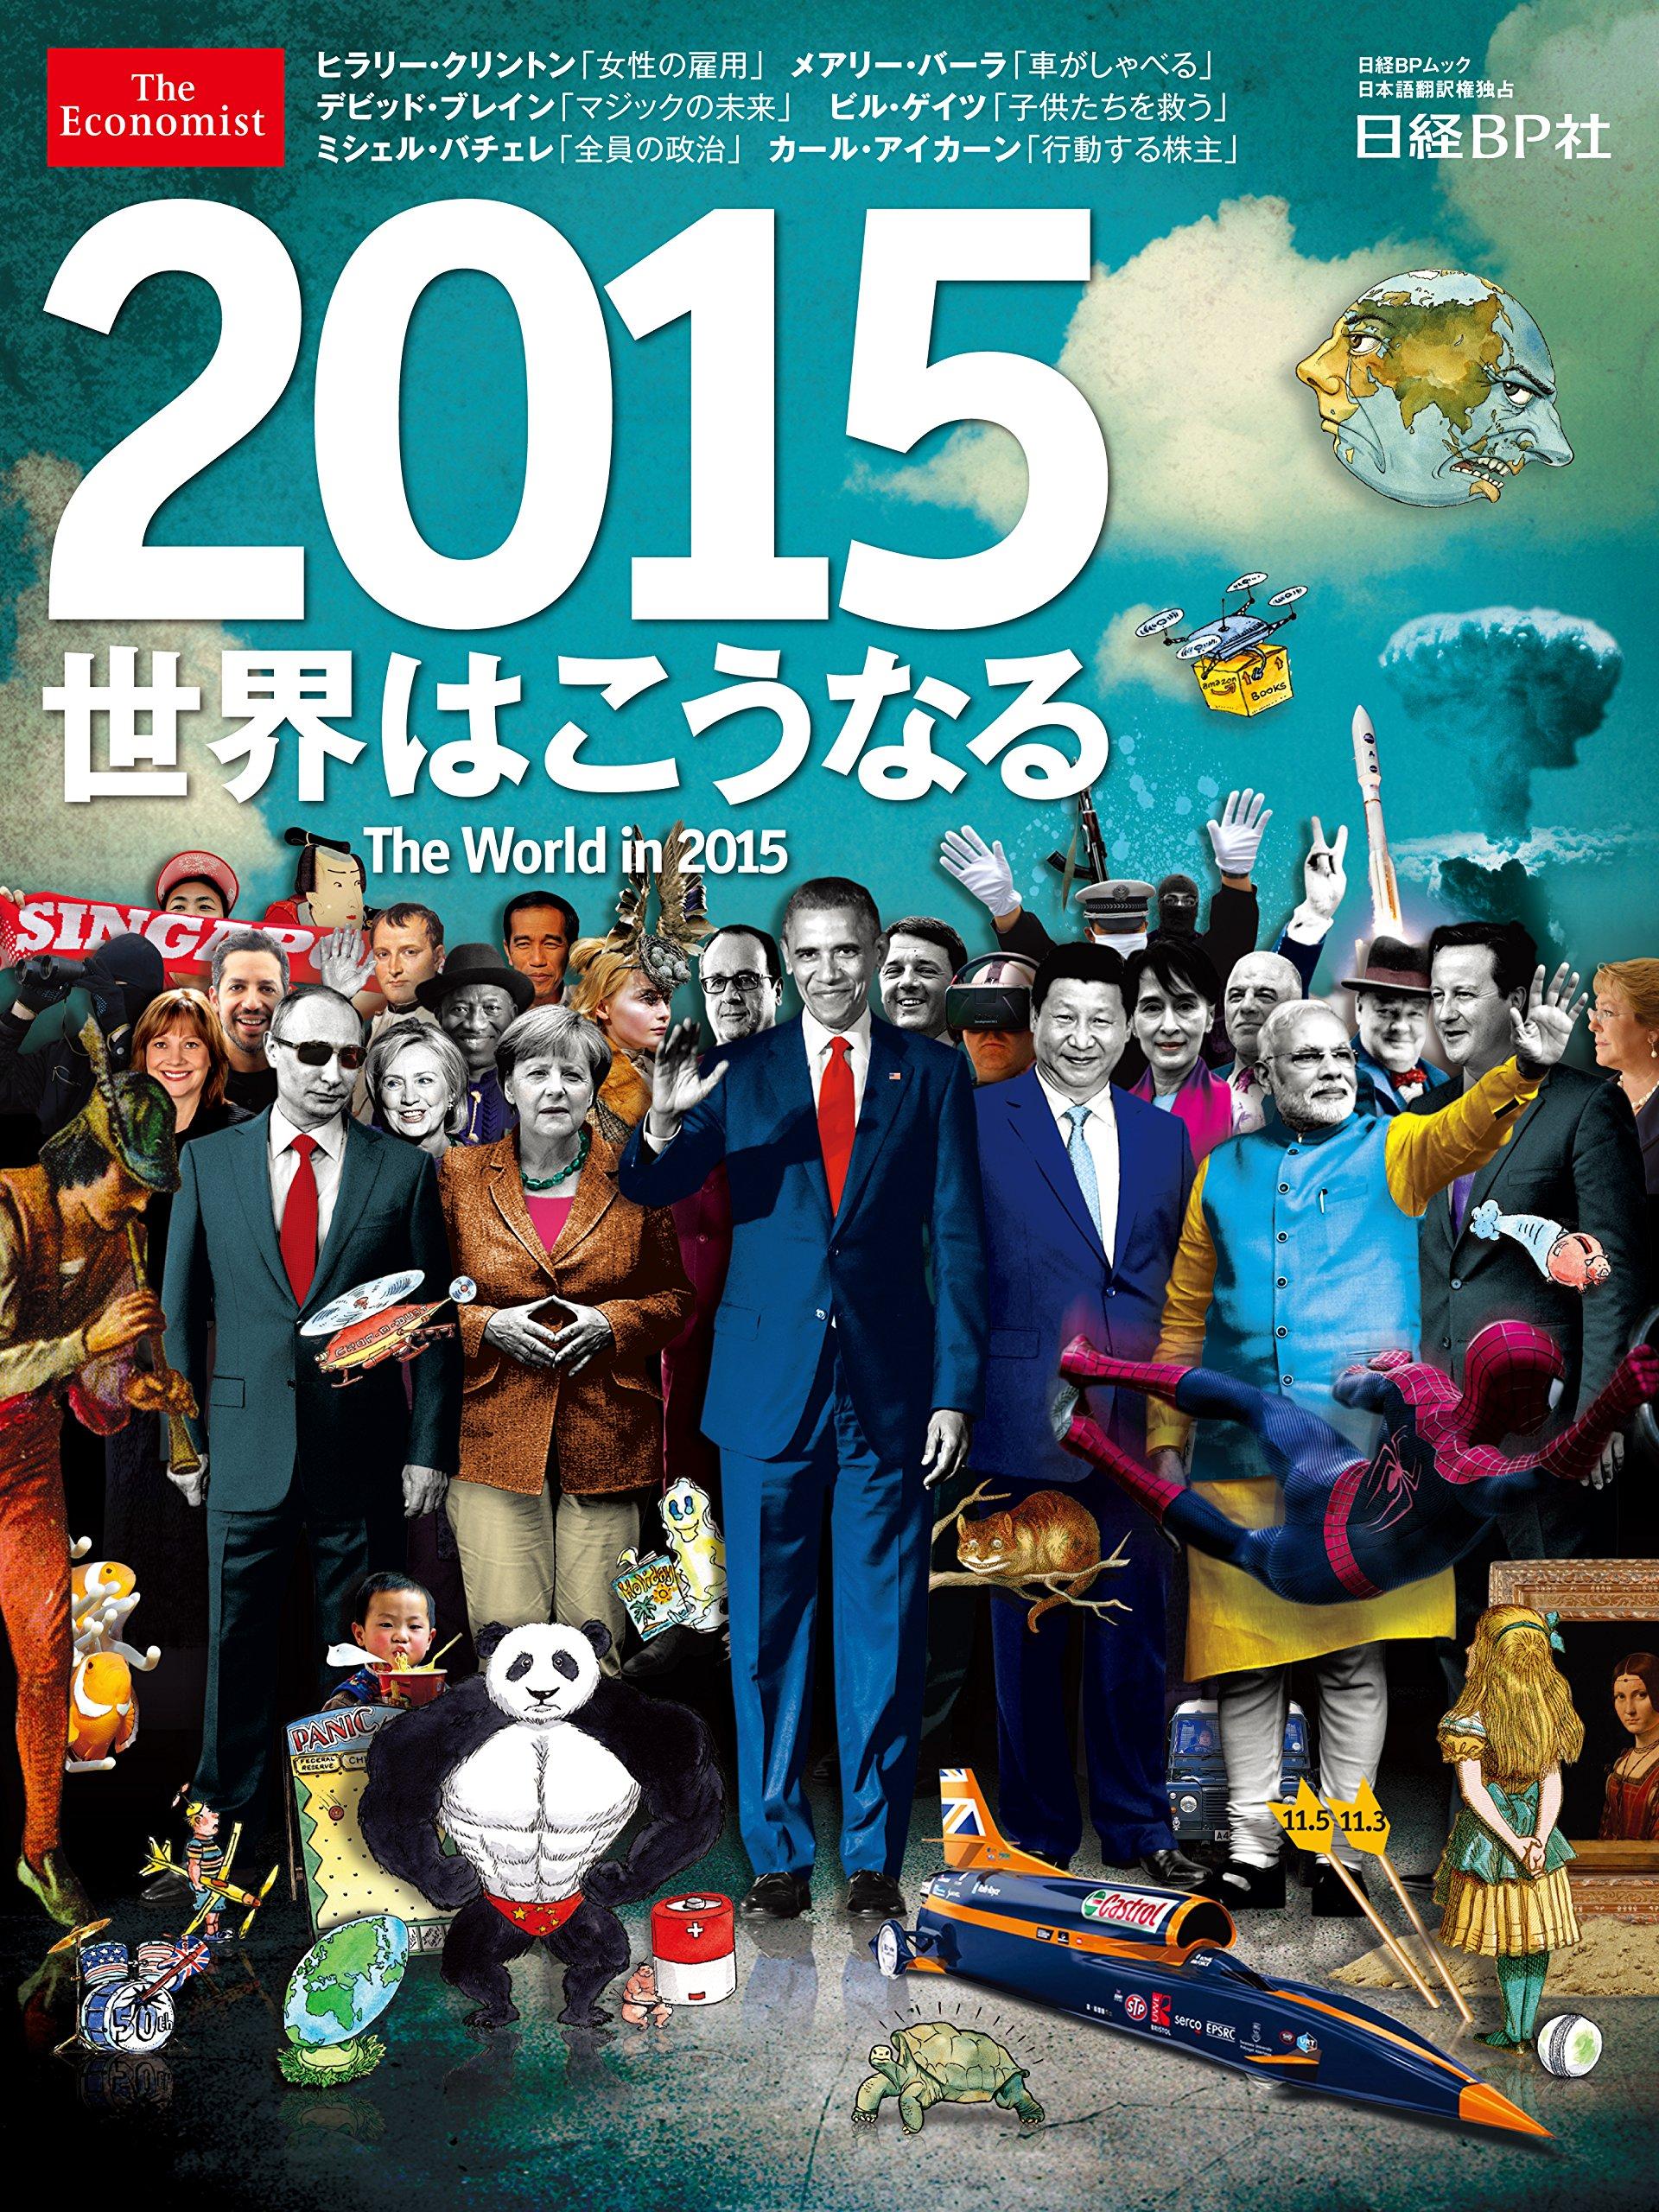 15 日経BP 2015 世界はこうなる The World in 2015